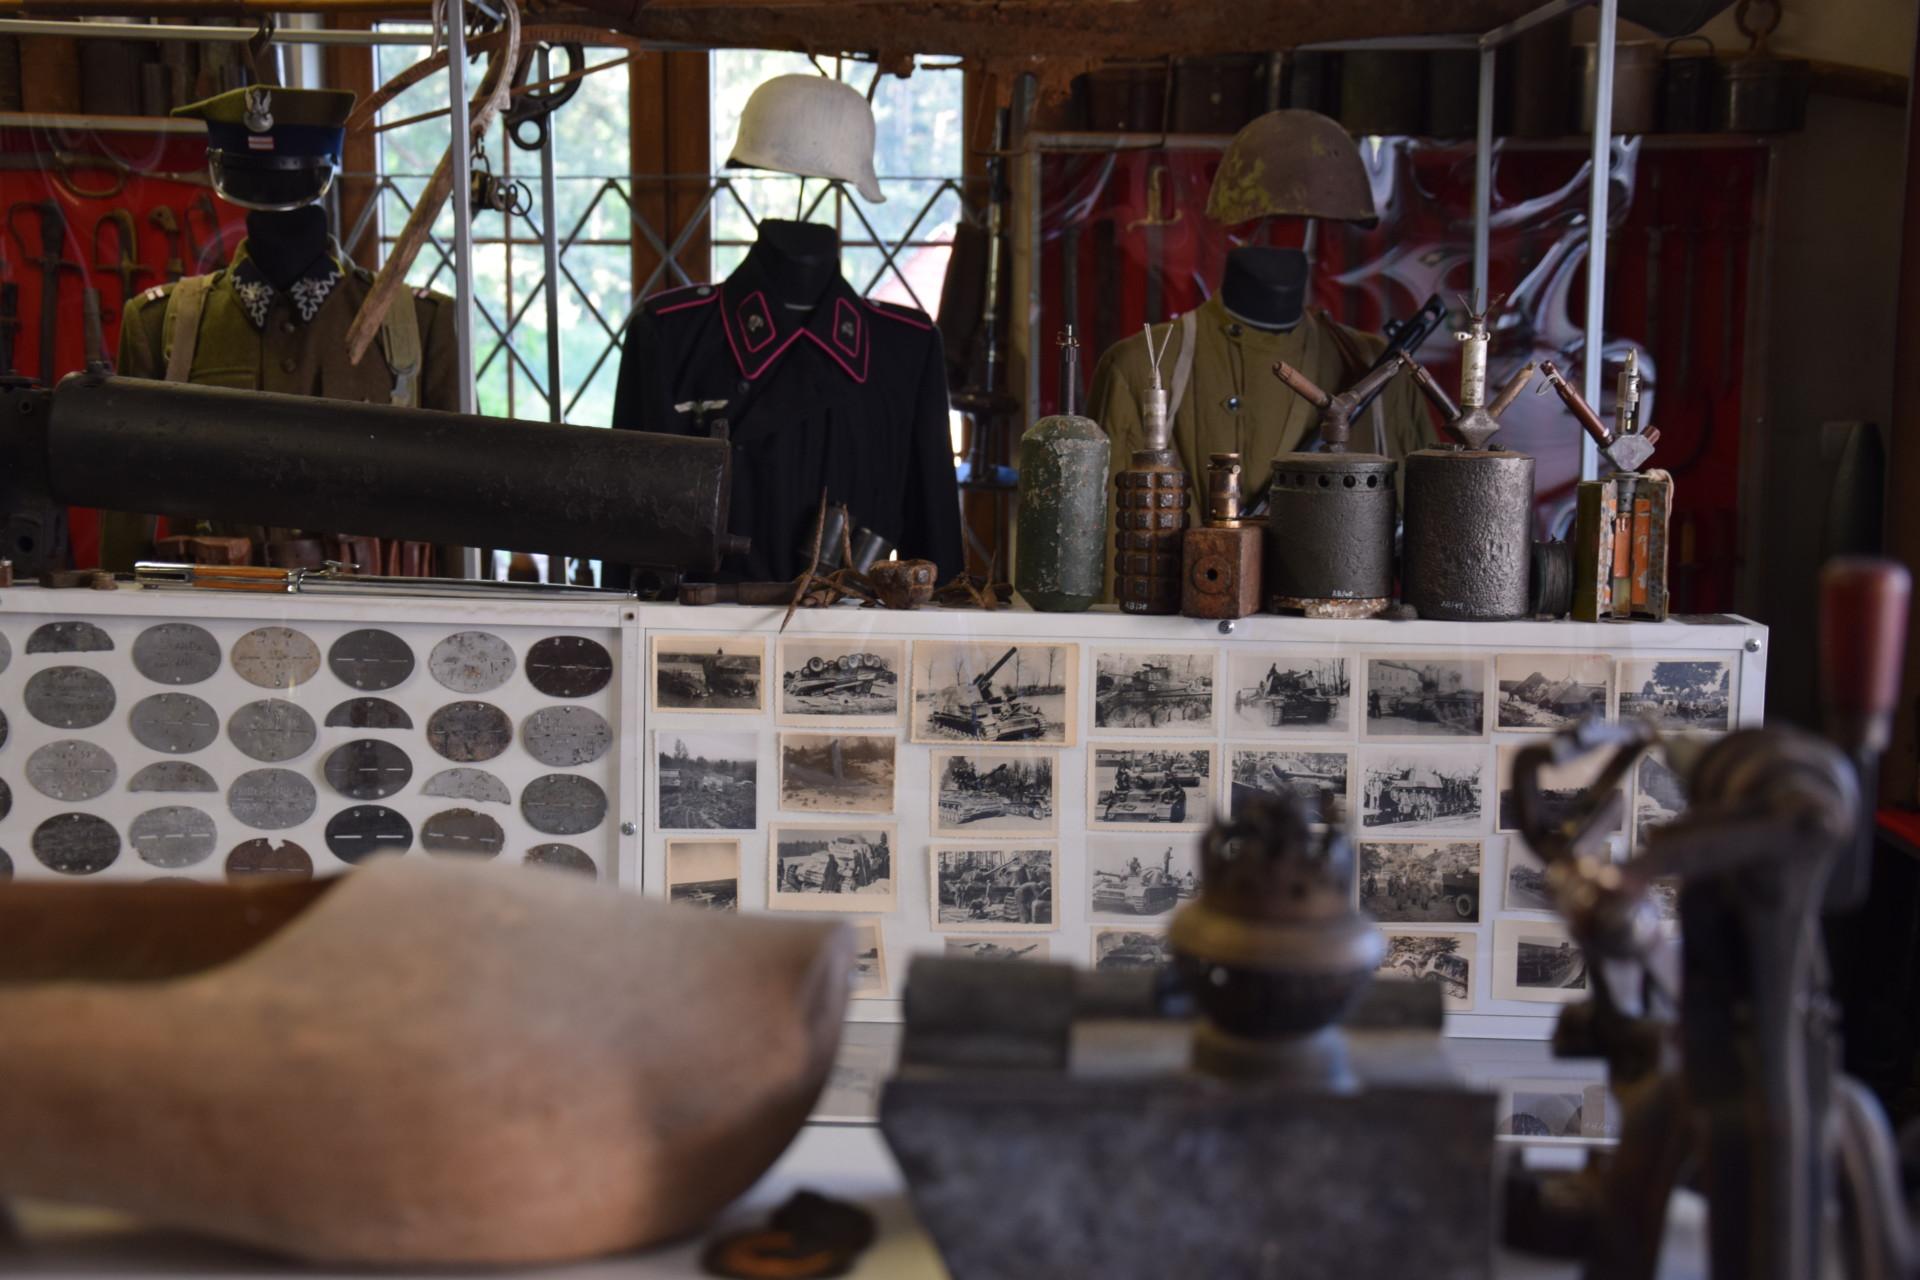 Muzeum nieoczywiste w Goręczynie. Zawsze chciałem mieć armatę 19